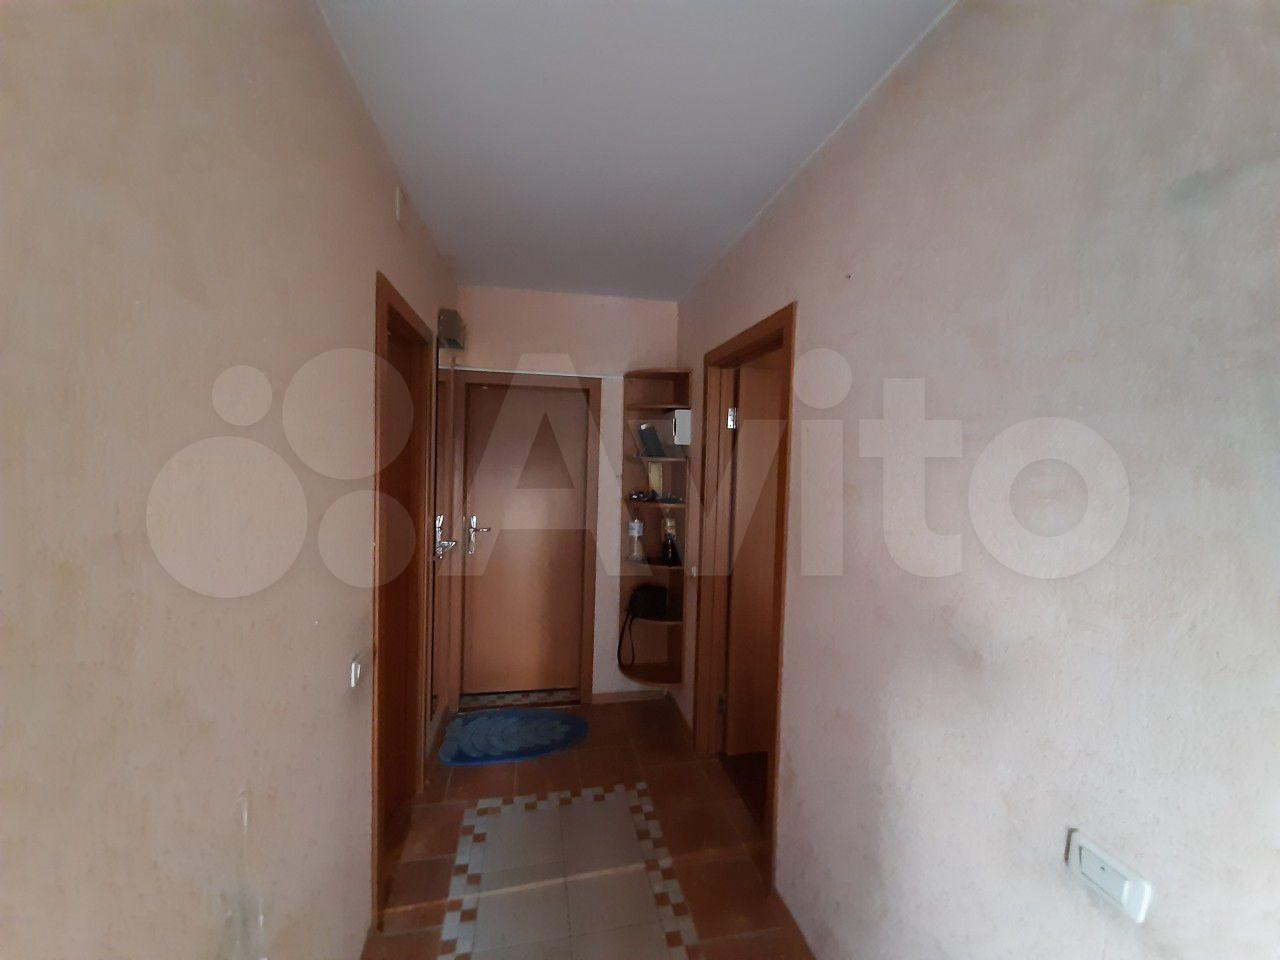 1-к квартира, 32 м², 9/9 эт.  89587543926 купить 4